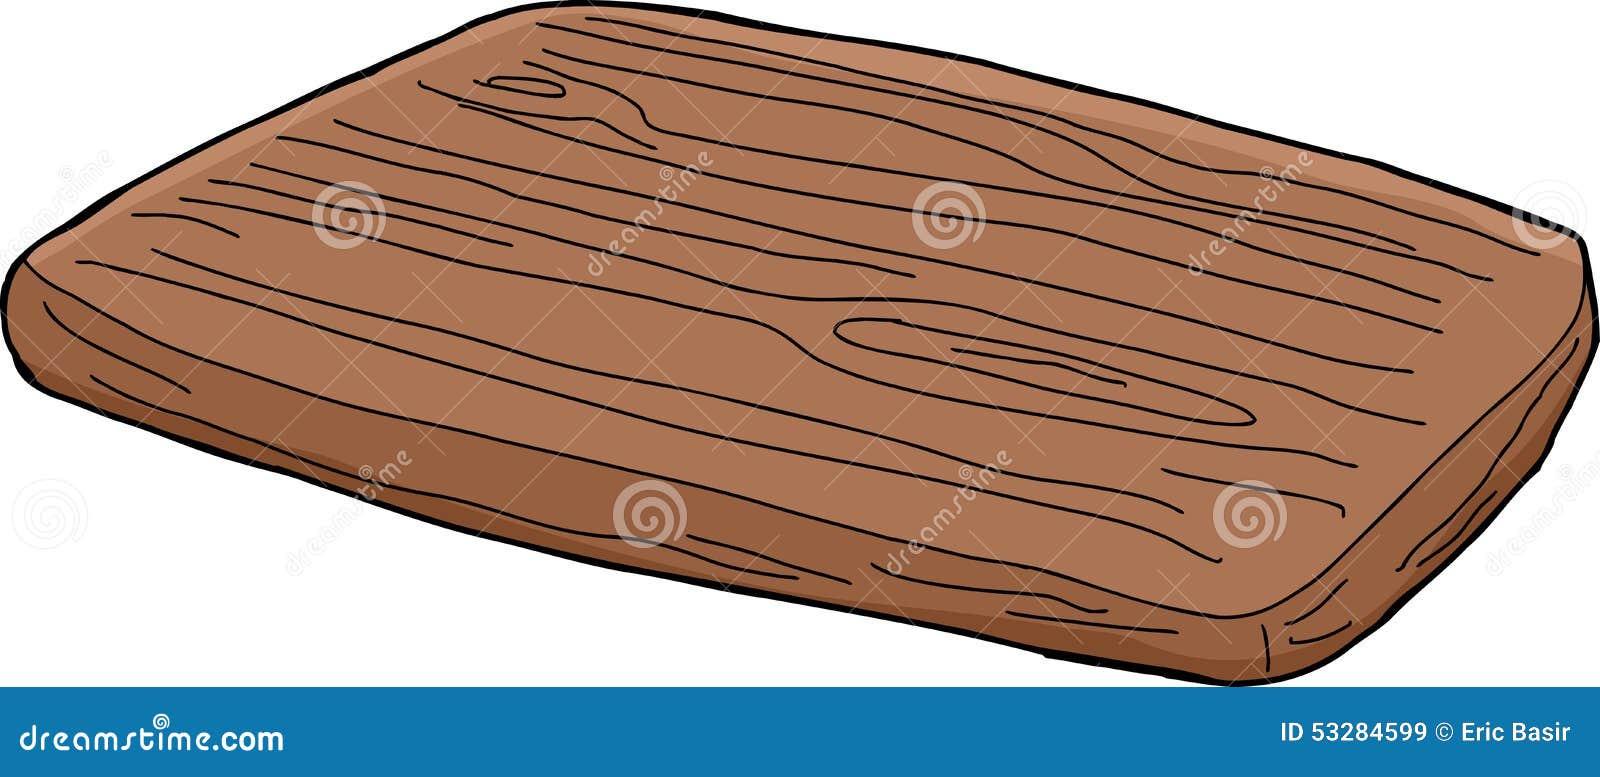 Cartoon Wood Board ~ Isolated cutting board cartoon stock illustration image